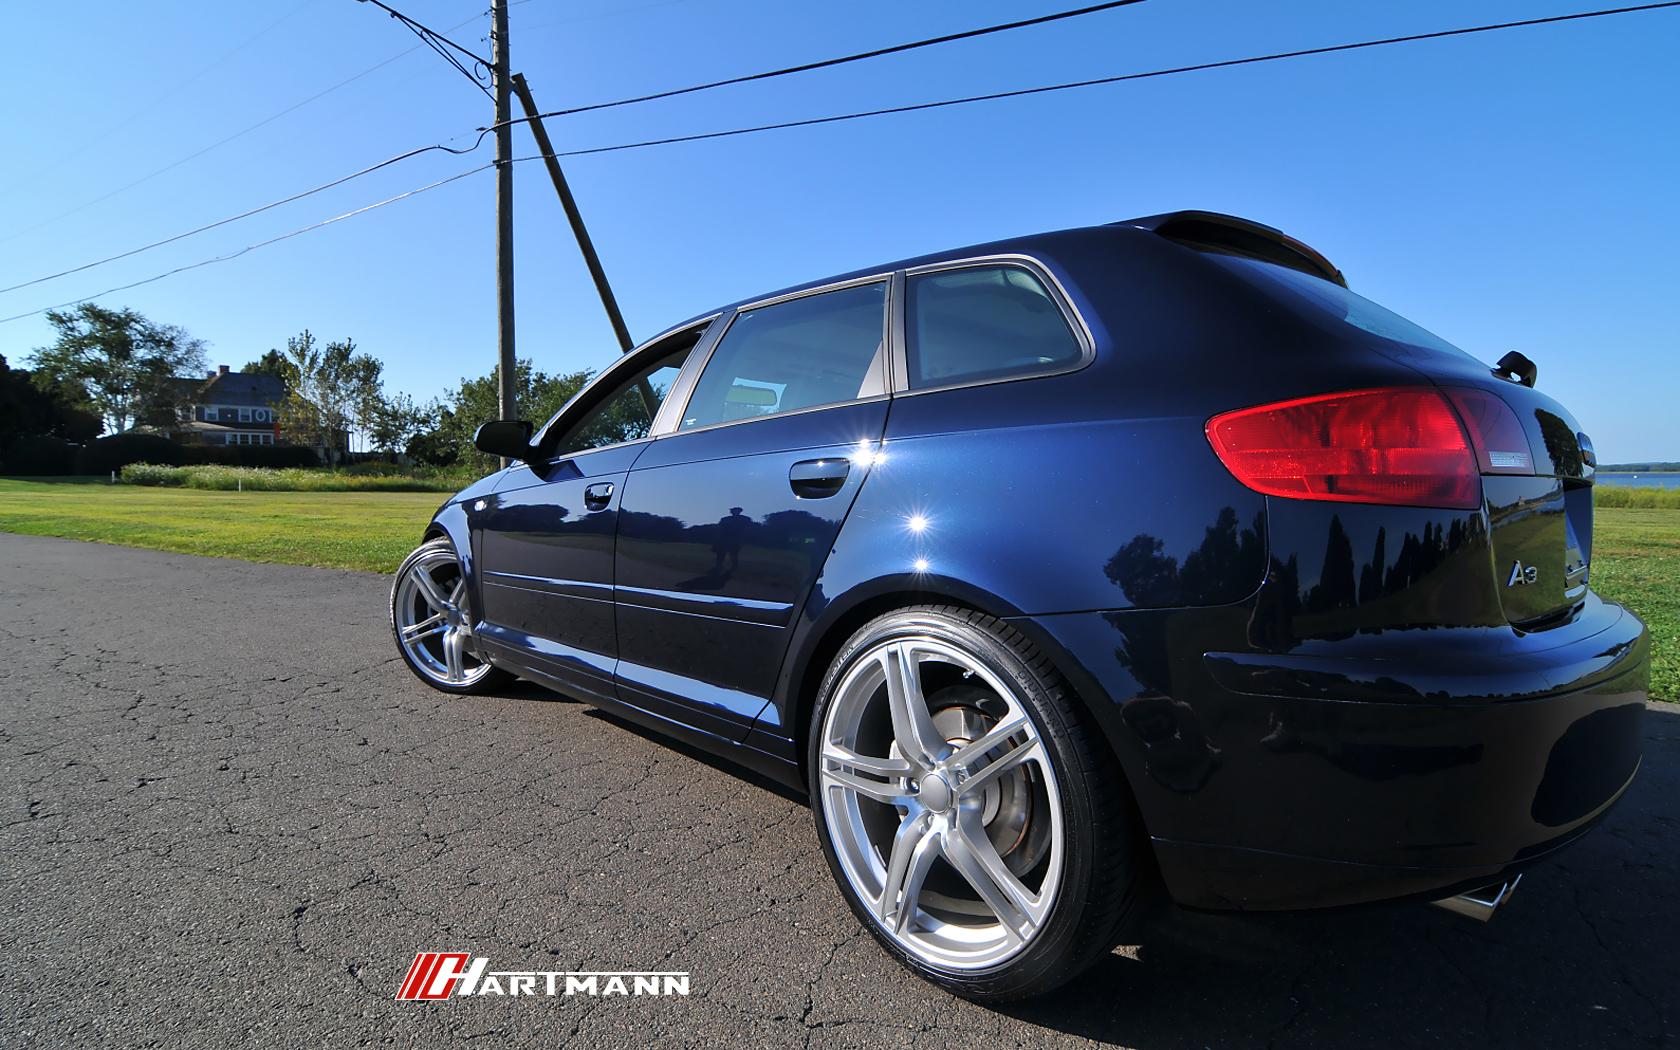 Hartmann Hr8 Gs M Wheels For Audi Fitment Hartmann Wheels